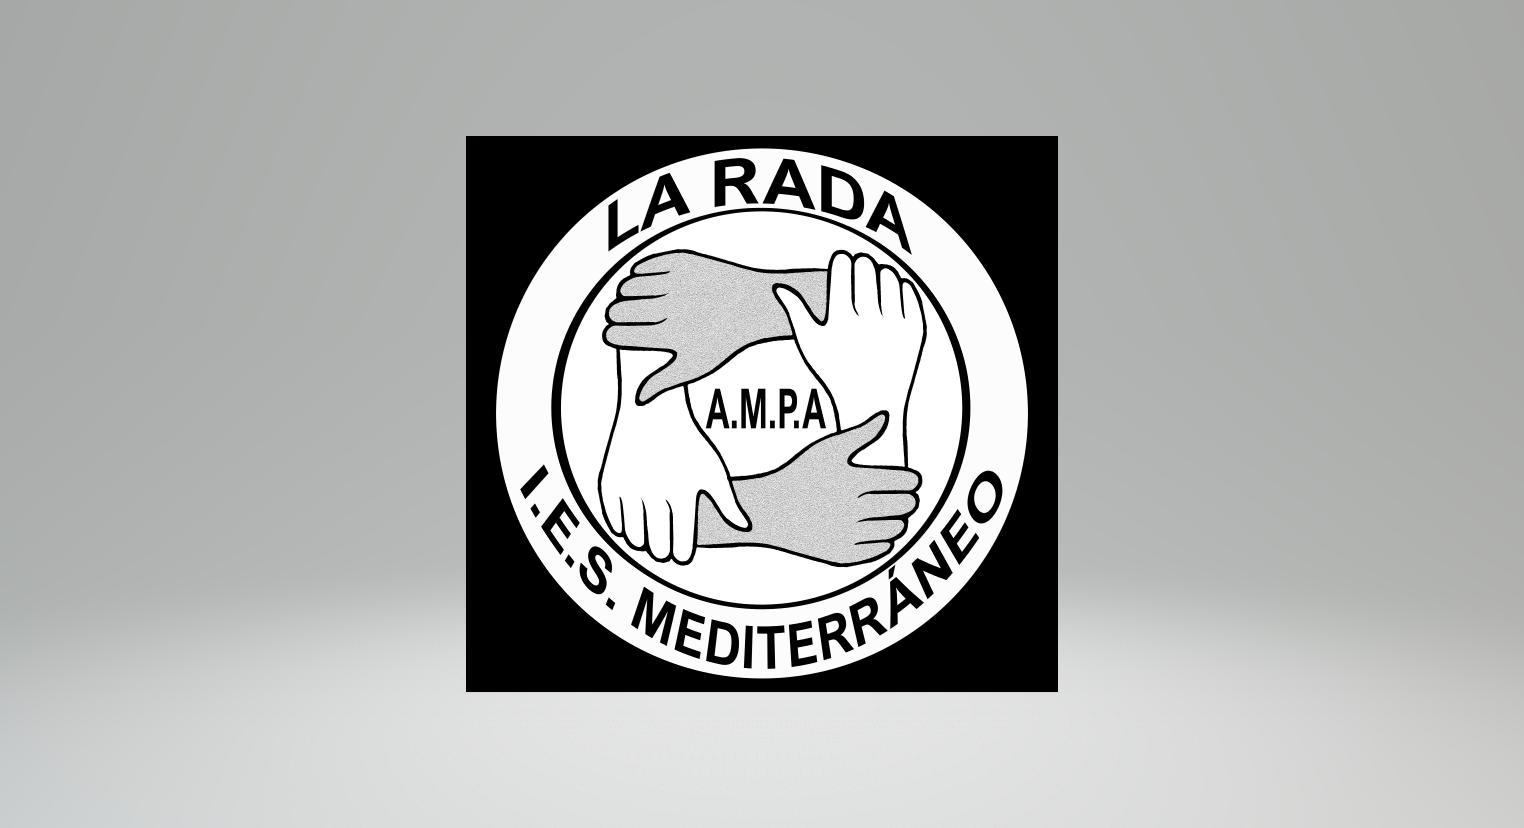 Imagen de la noticia: Inscripción como socio de la AMPA